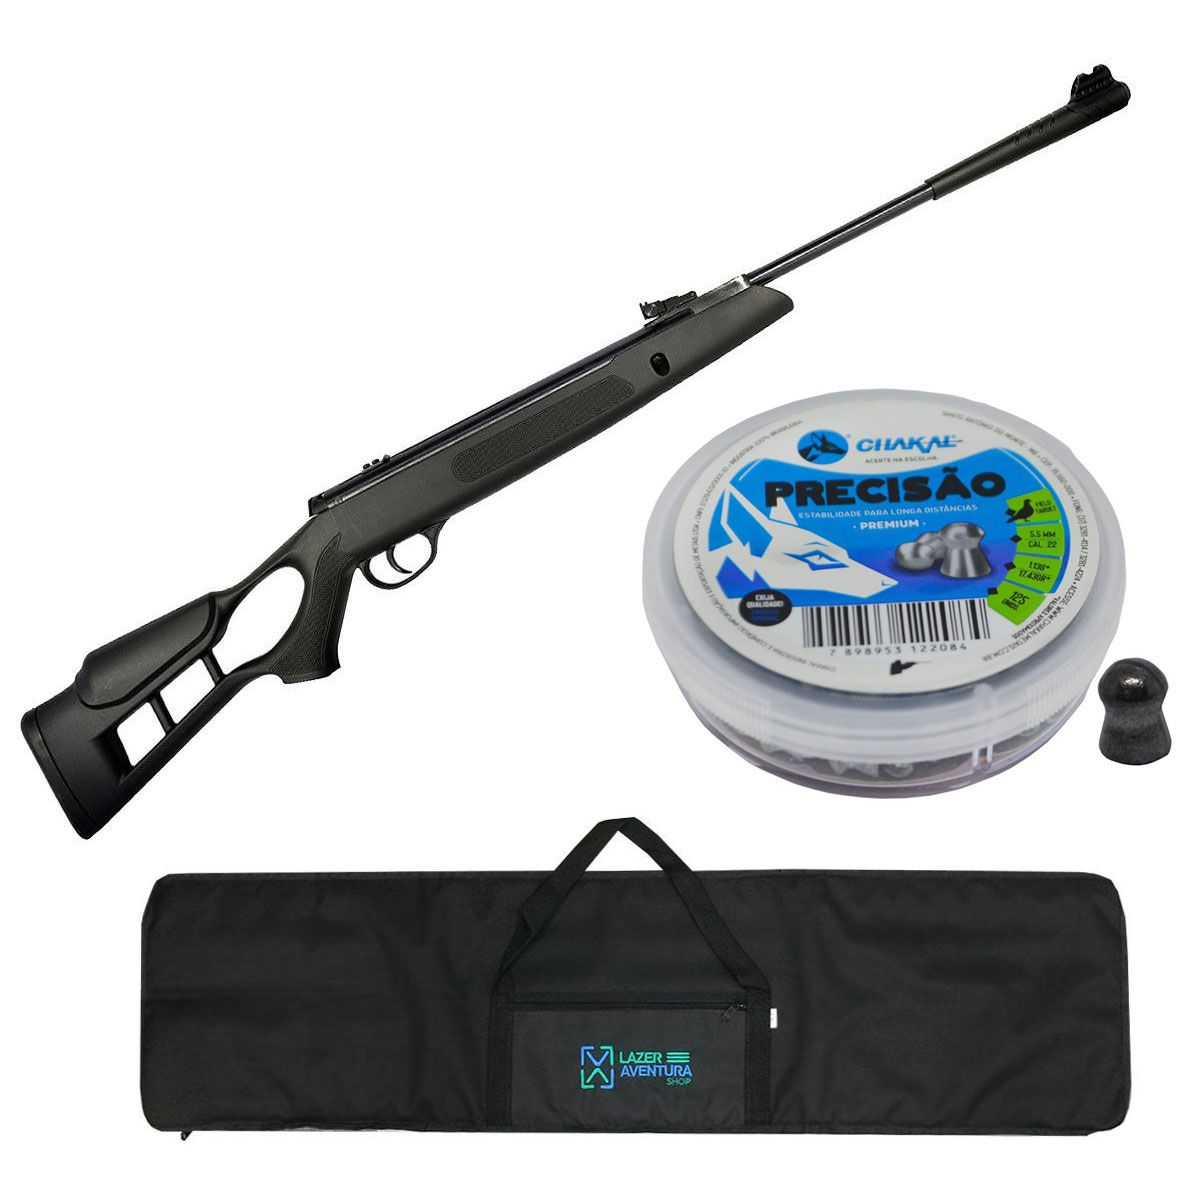 Kit Carabina Hatsan 5,5mm + Chumbinho Pressao 5,5mm + Capa Lazer e Aventura